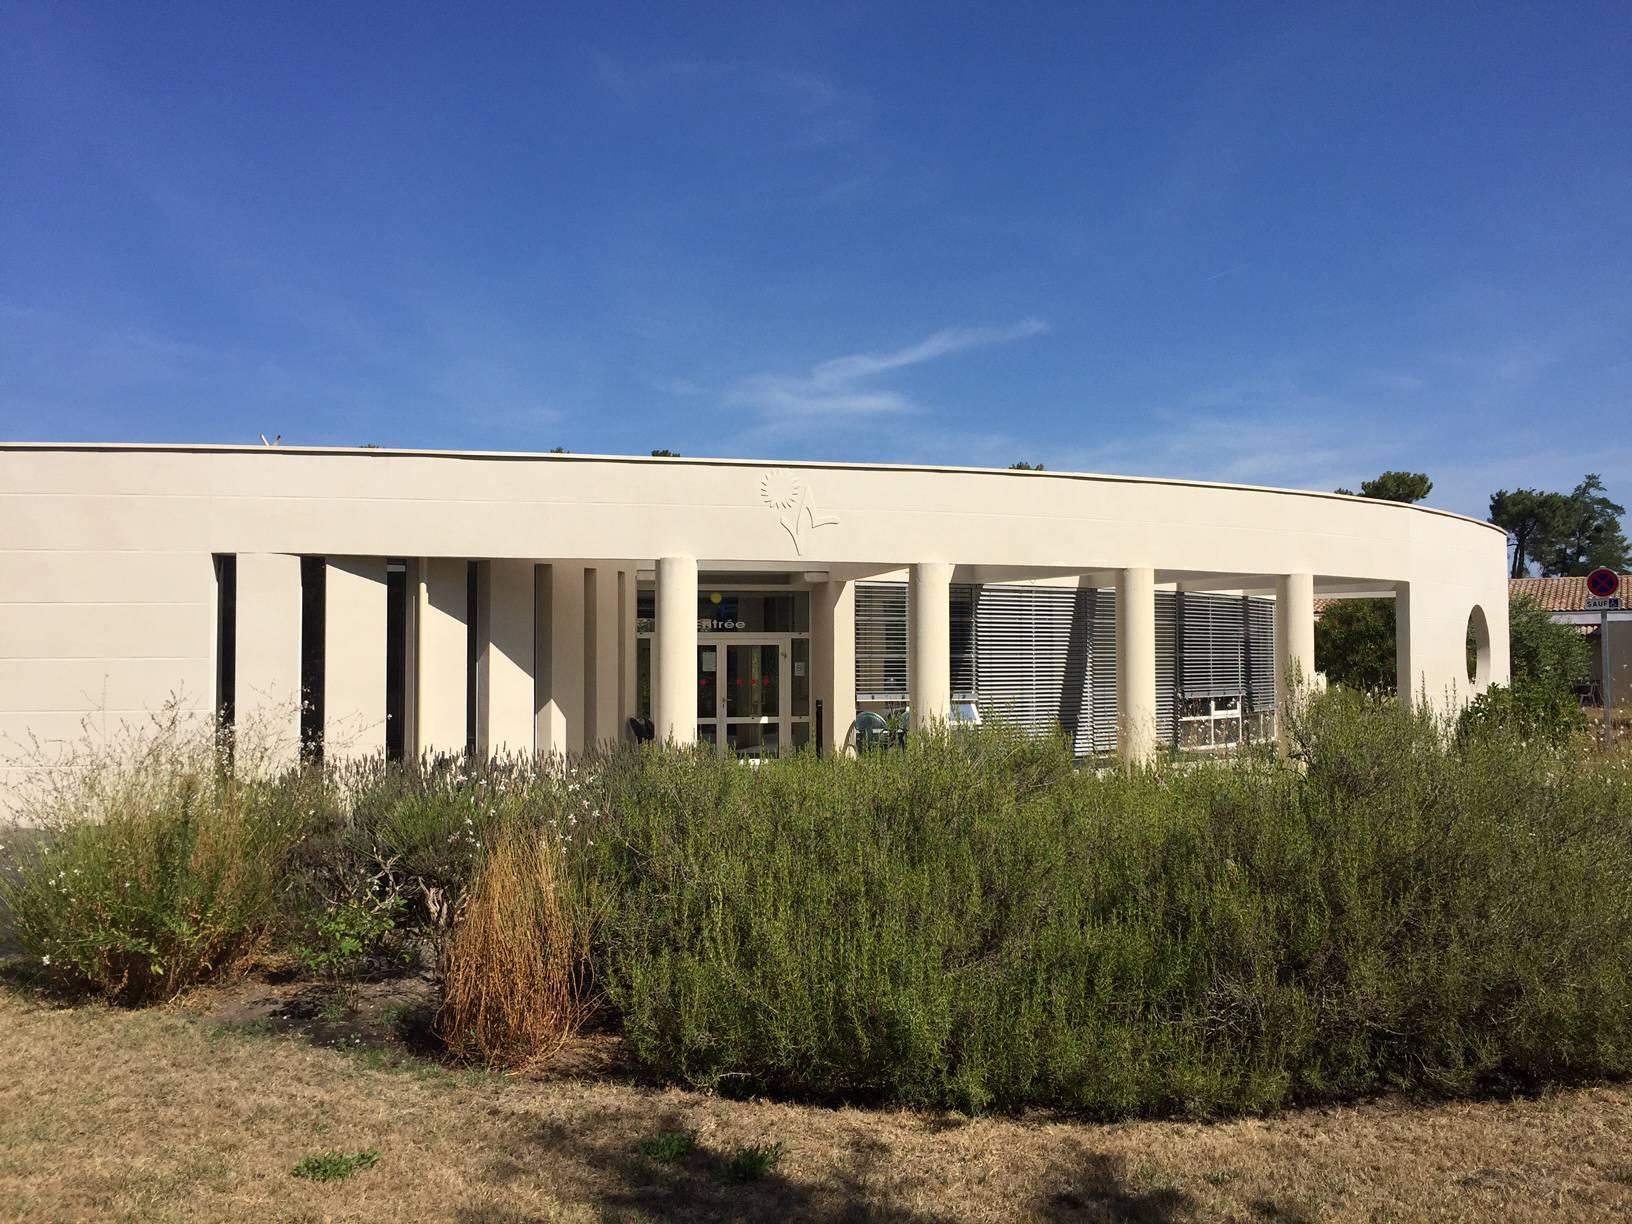 Maison de retraite fondation roux vertheuil medoc for Annuaire maison de retraite